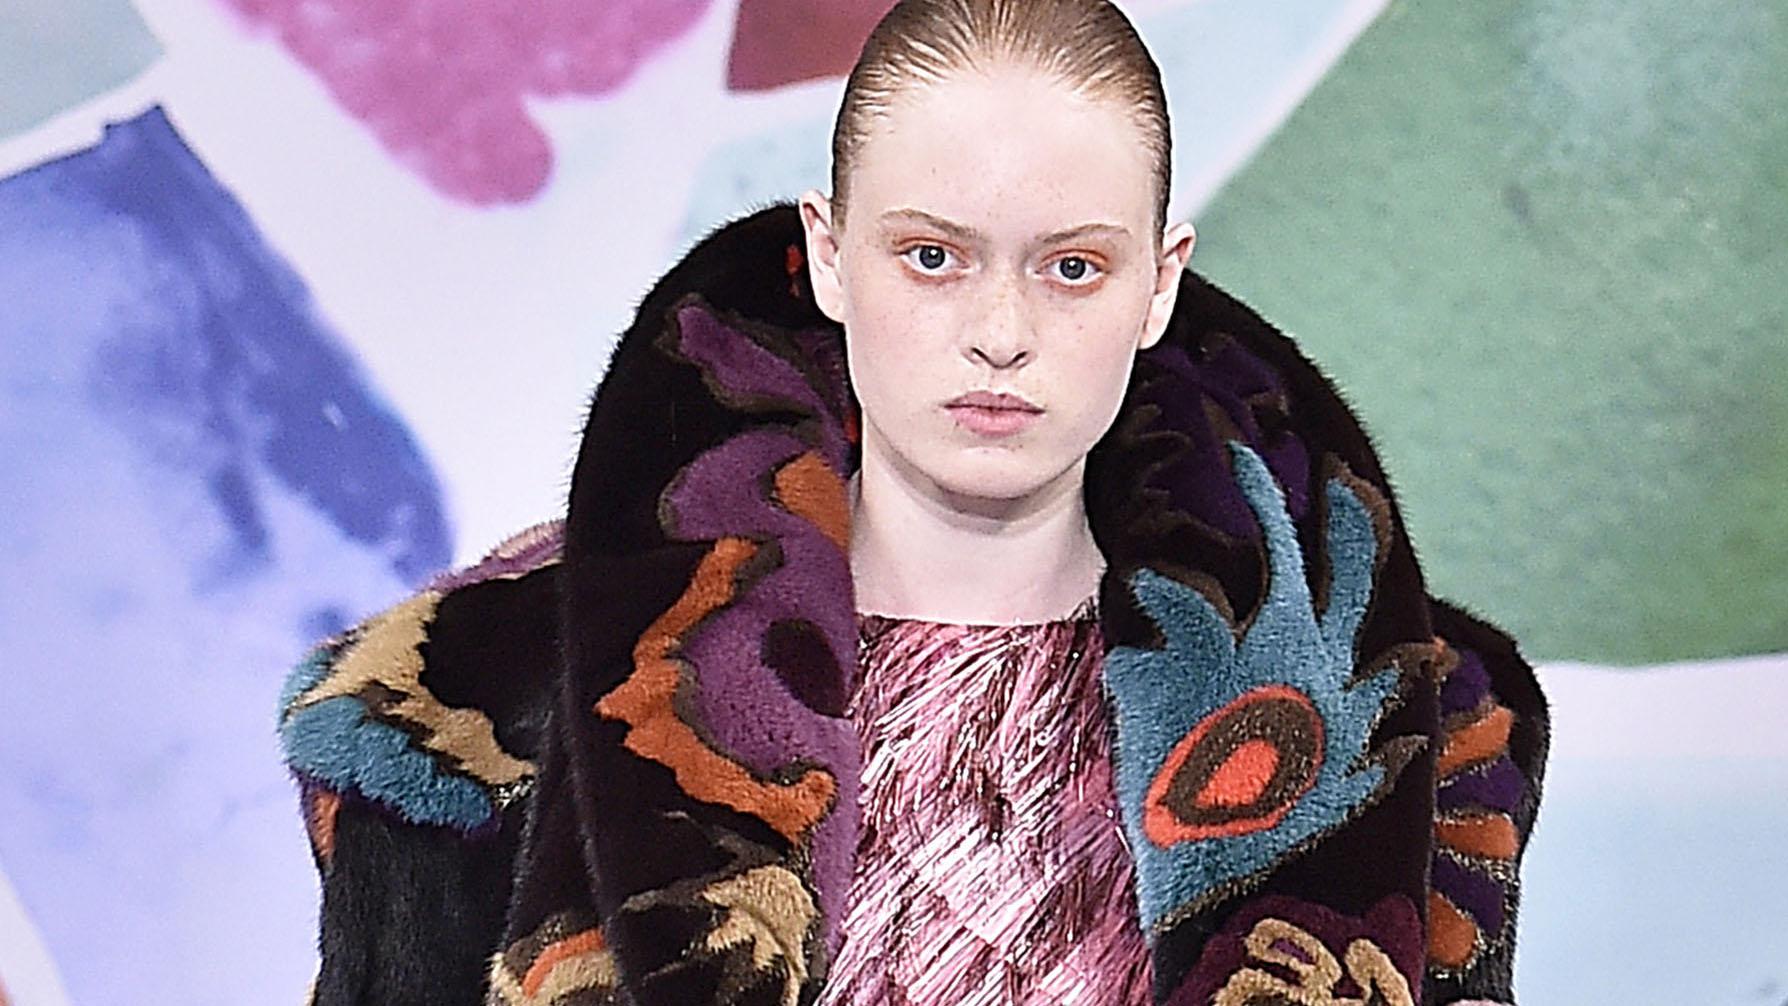 Schiaparelli joins fashion's most elite group